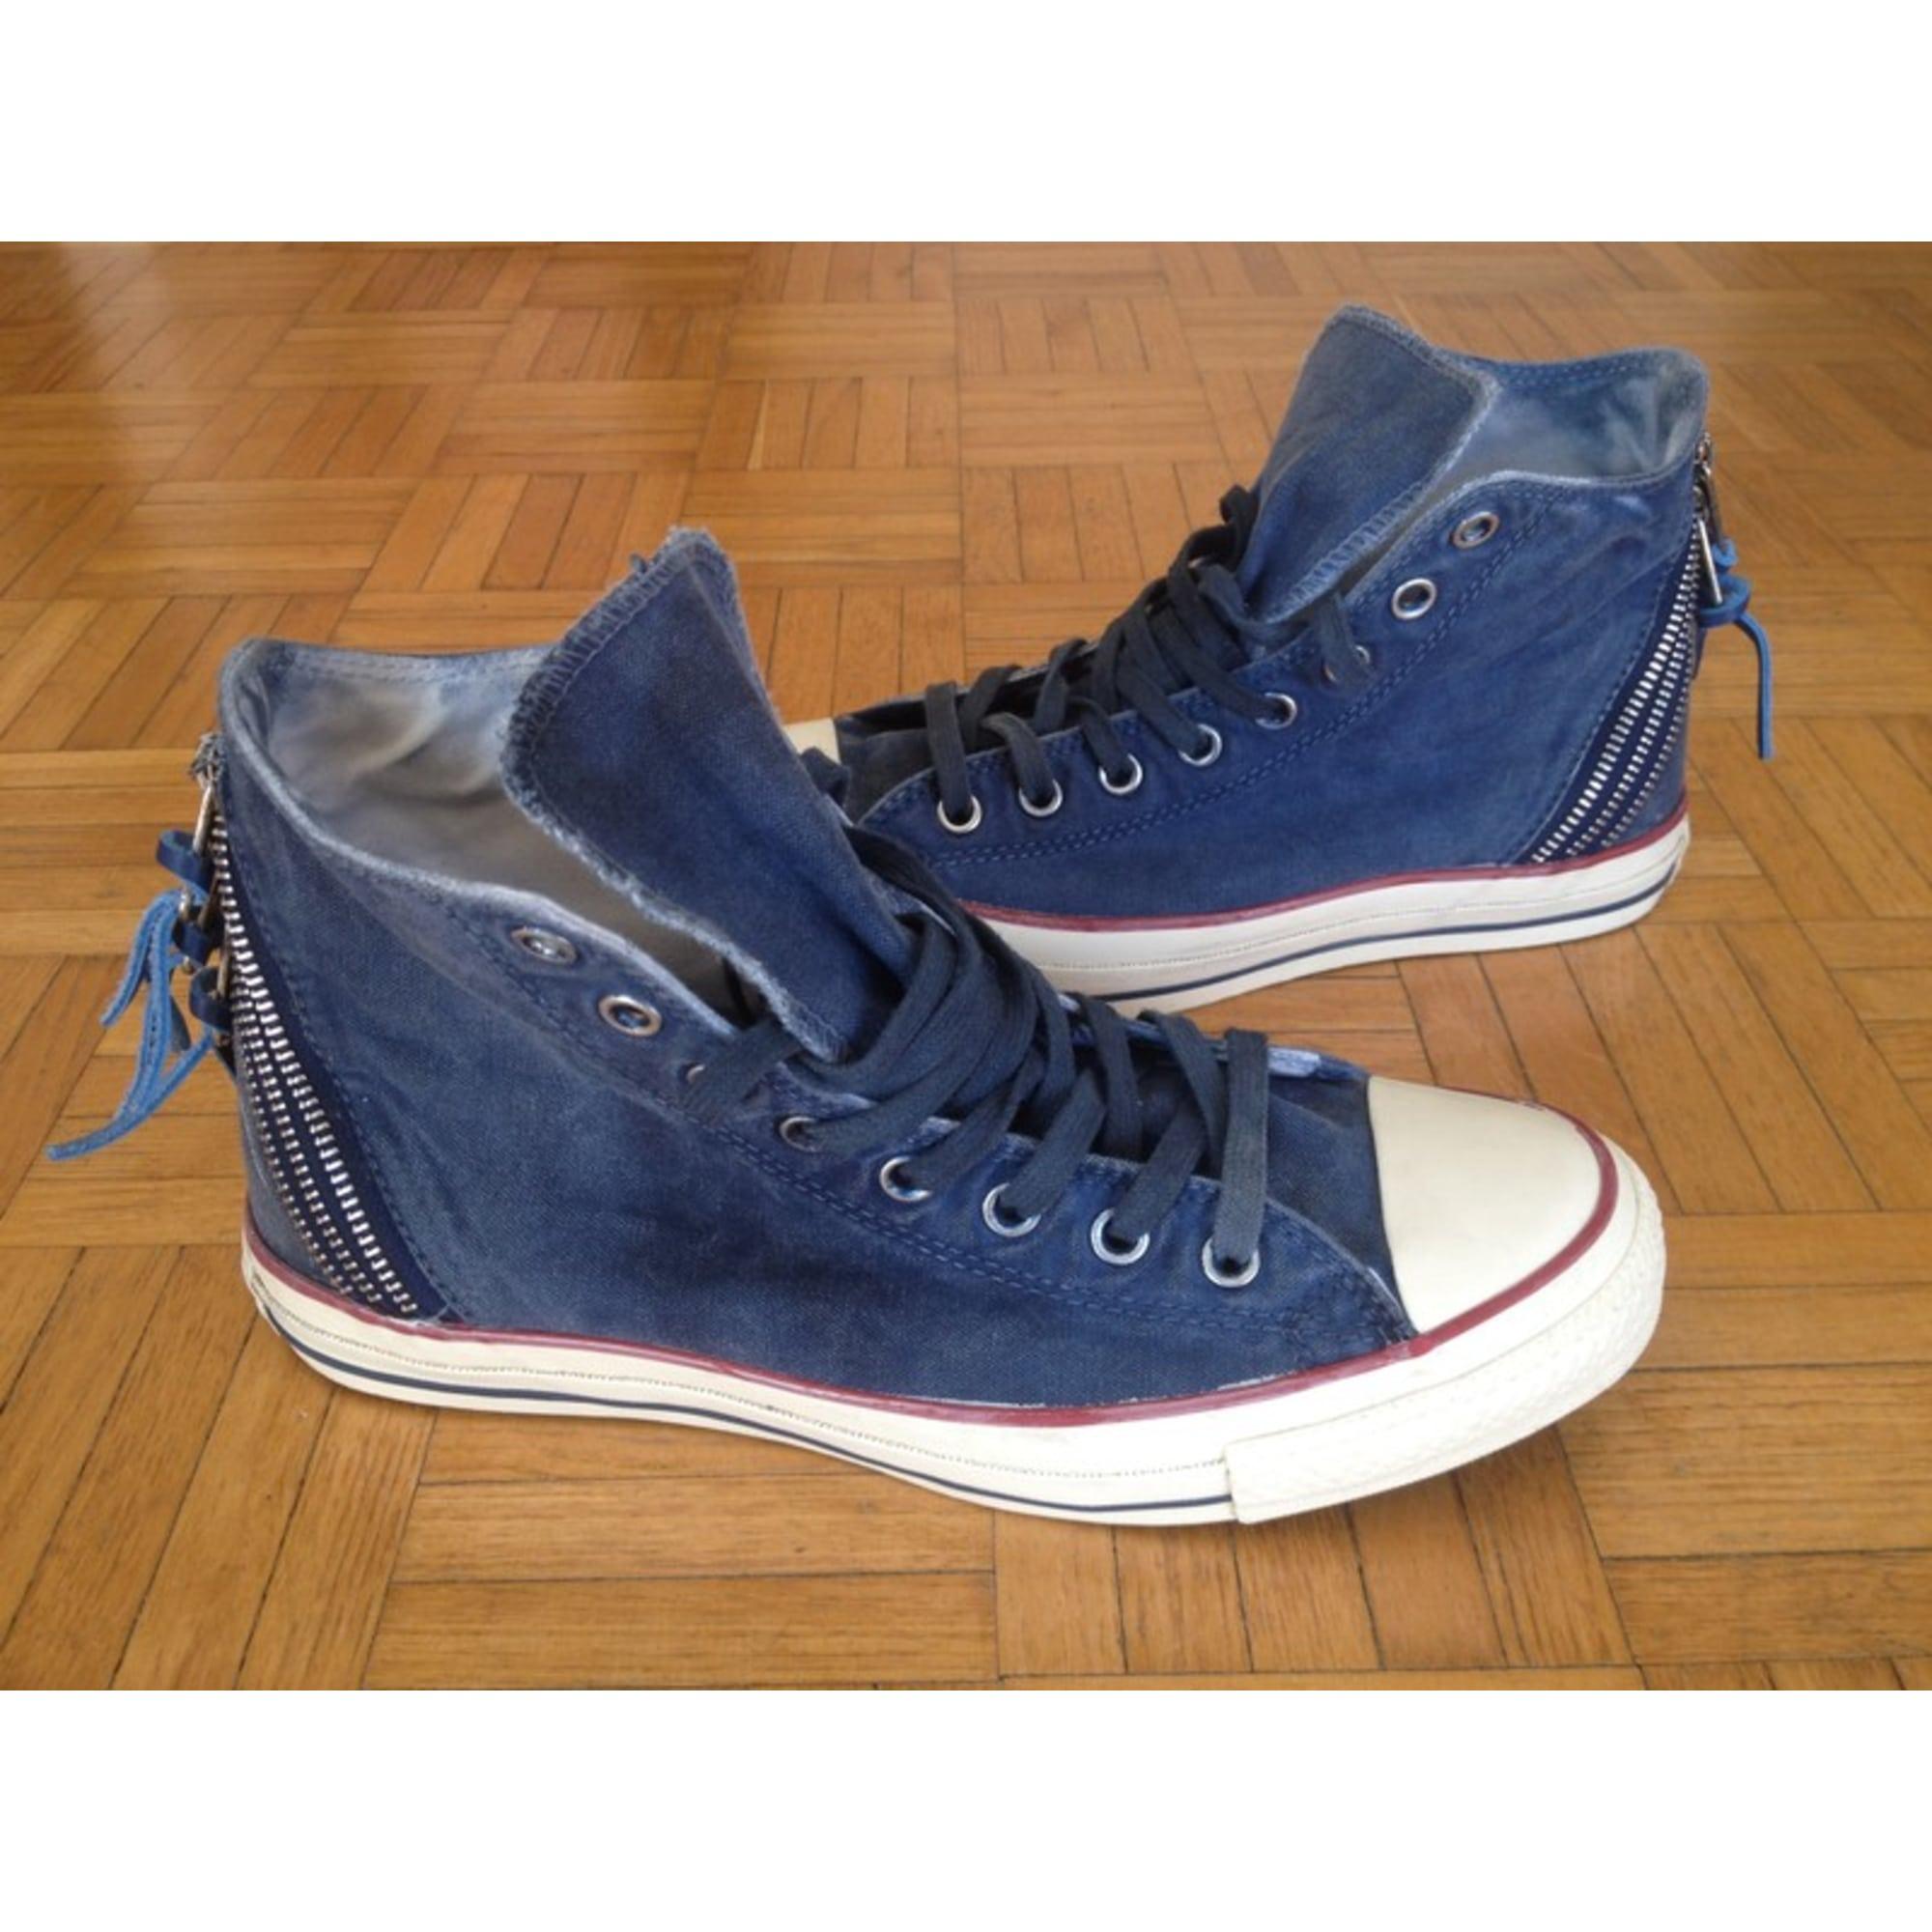 e3a465600cf Baskets CONVERSE 41 bleu - 7456622